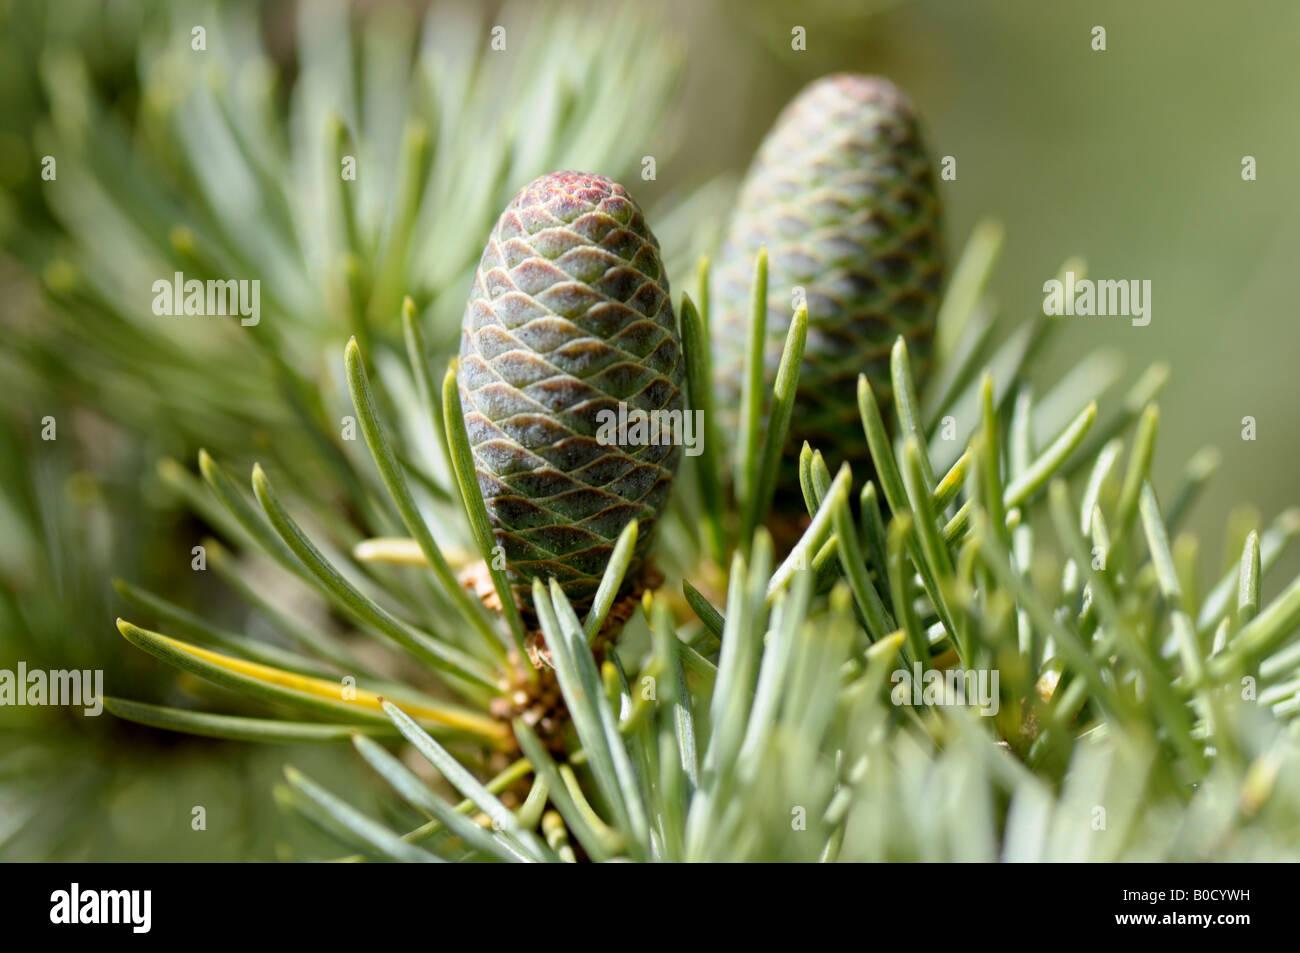 Junge Zapfen am Zweig der Atlas-Zeder Stockfoto